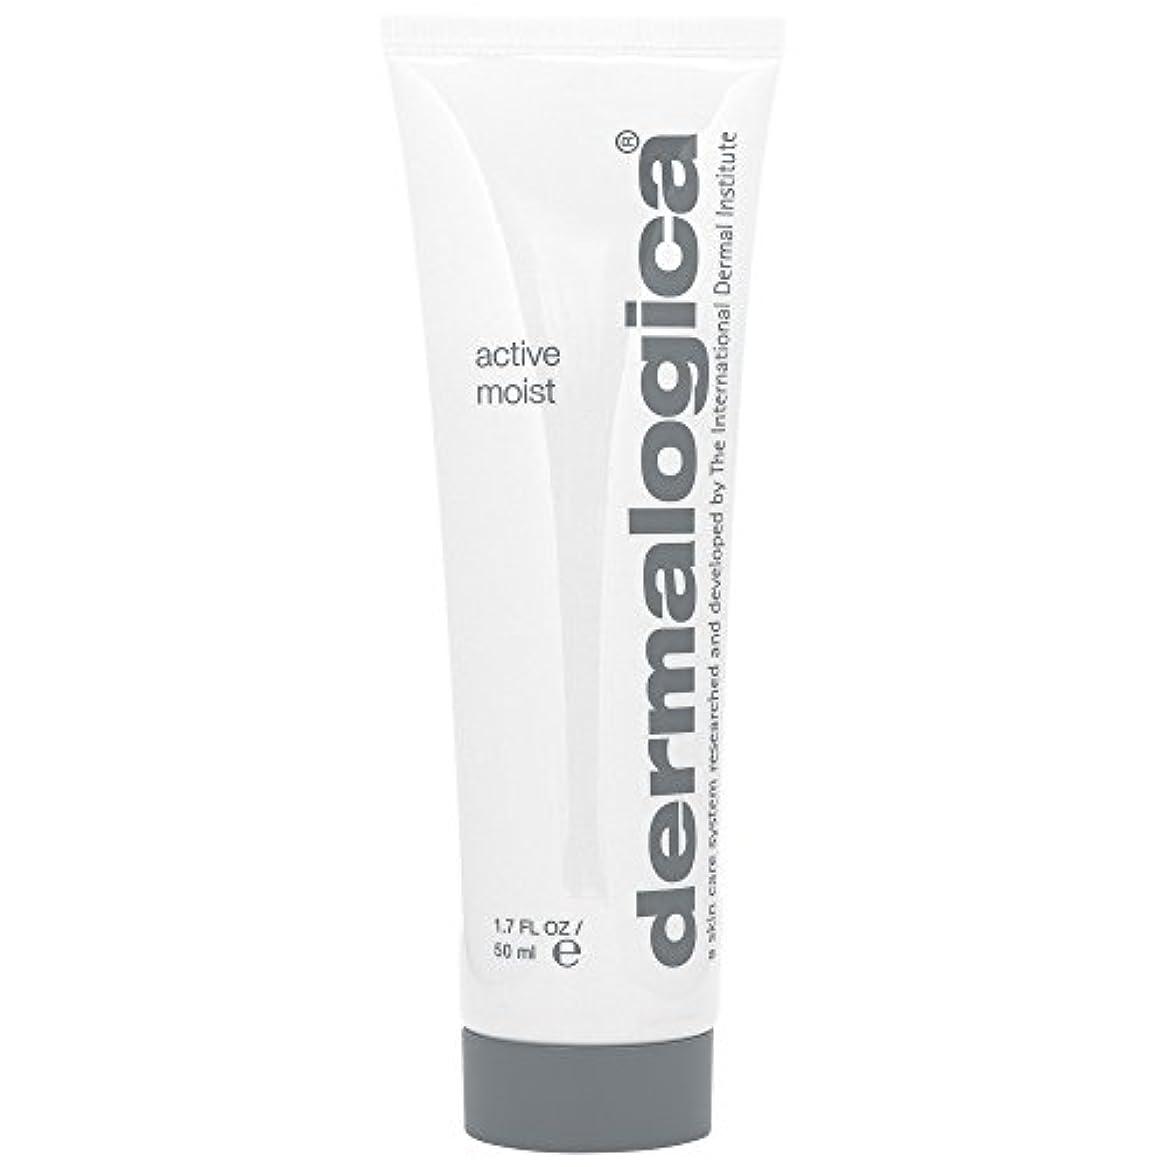 平行原稿可能ダーマロジカアクティブ湿った顔の保湿剤の50ミリリットル (Dermalogica) (x6) - Dermalogica Active Moist Facial Moisturiser 50ml (Pack of 6)...